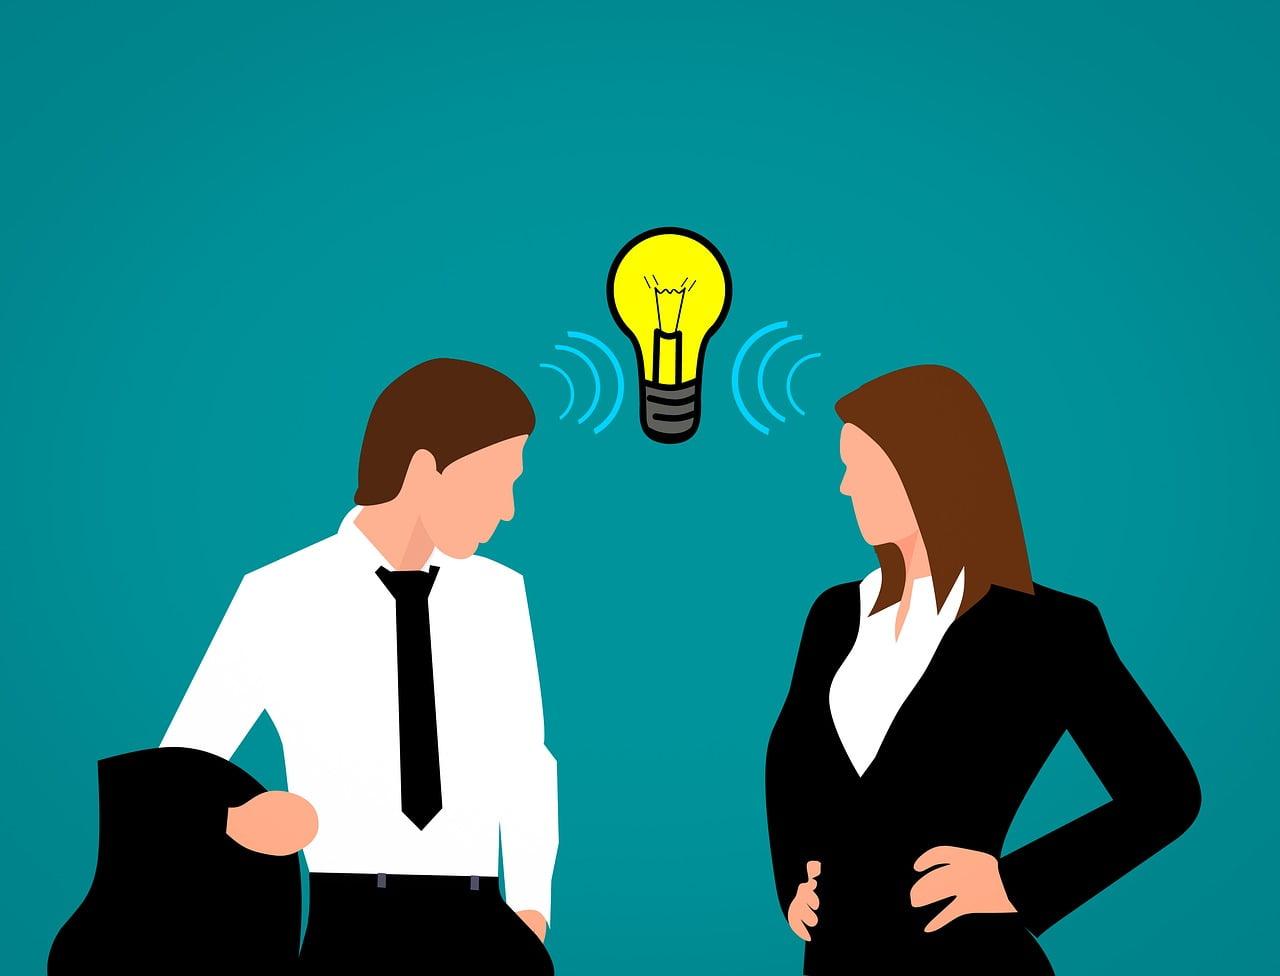 Design boosts Entrepreneurial Mindset